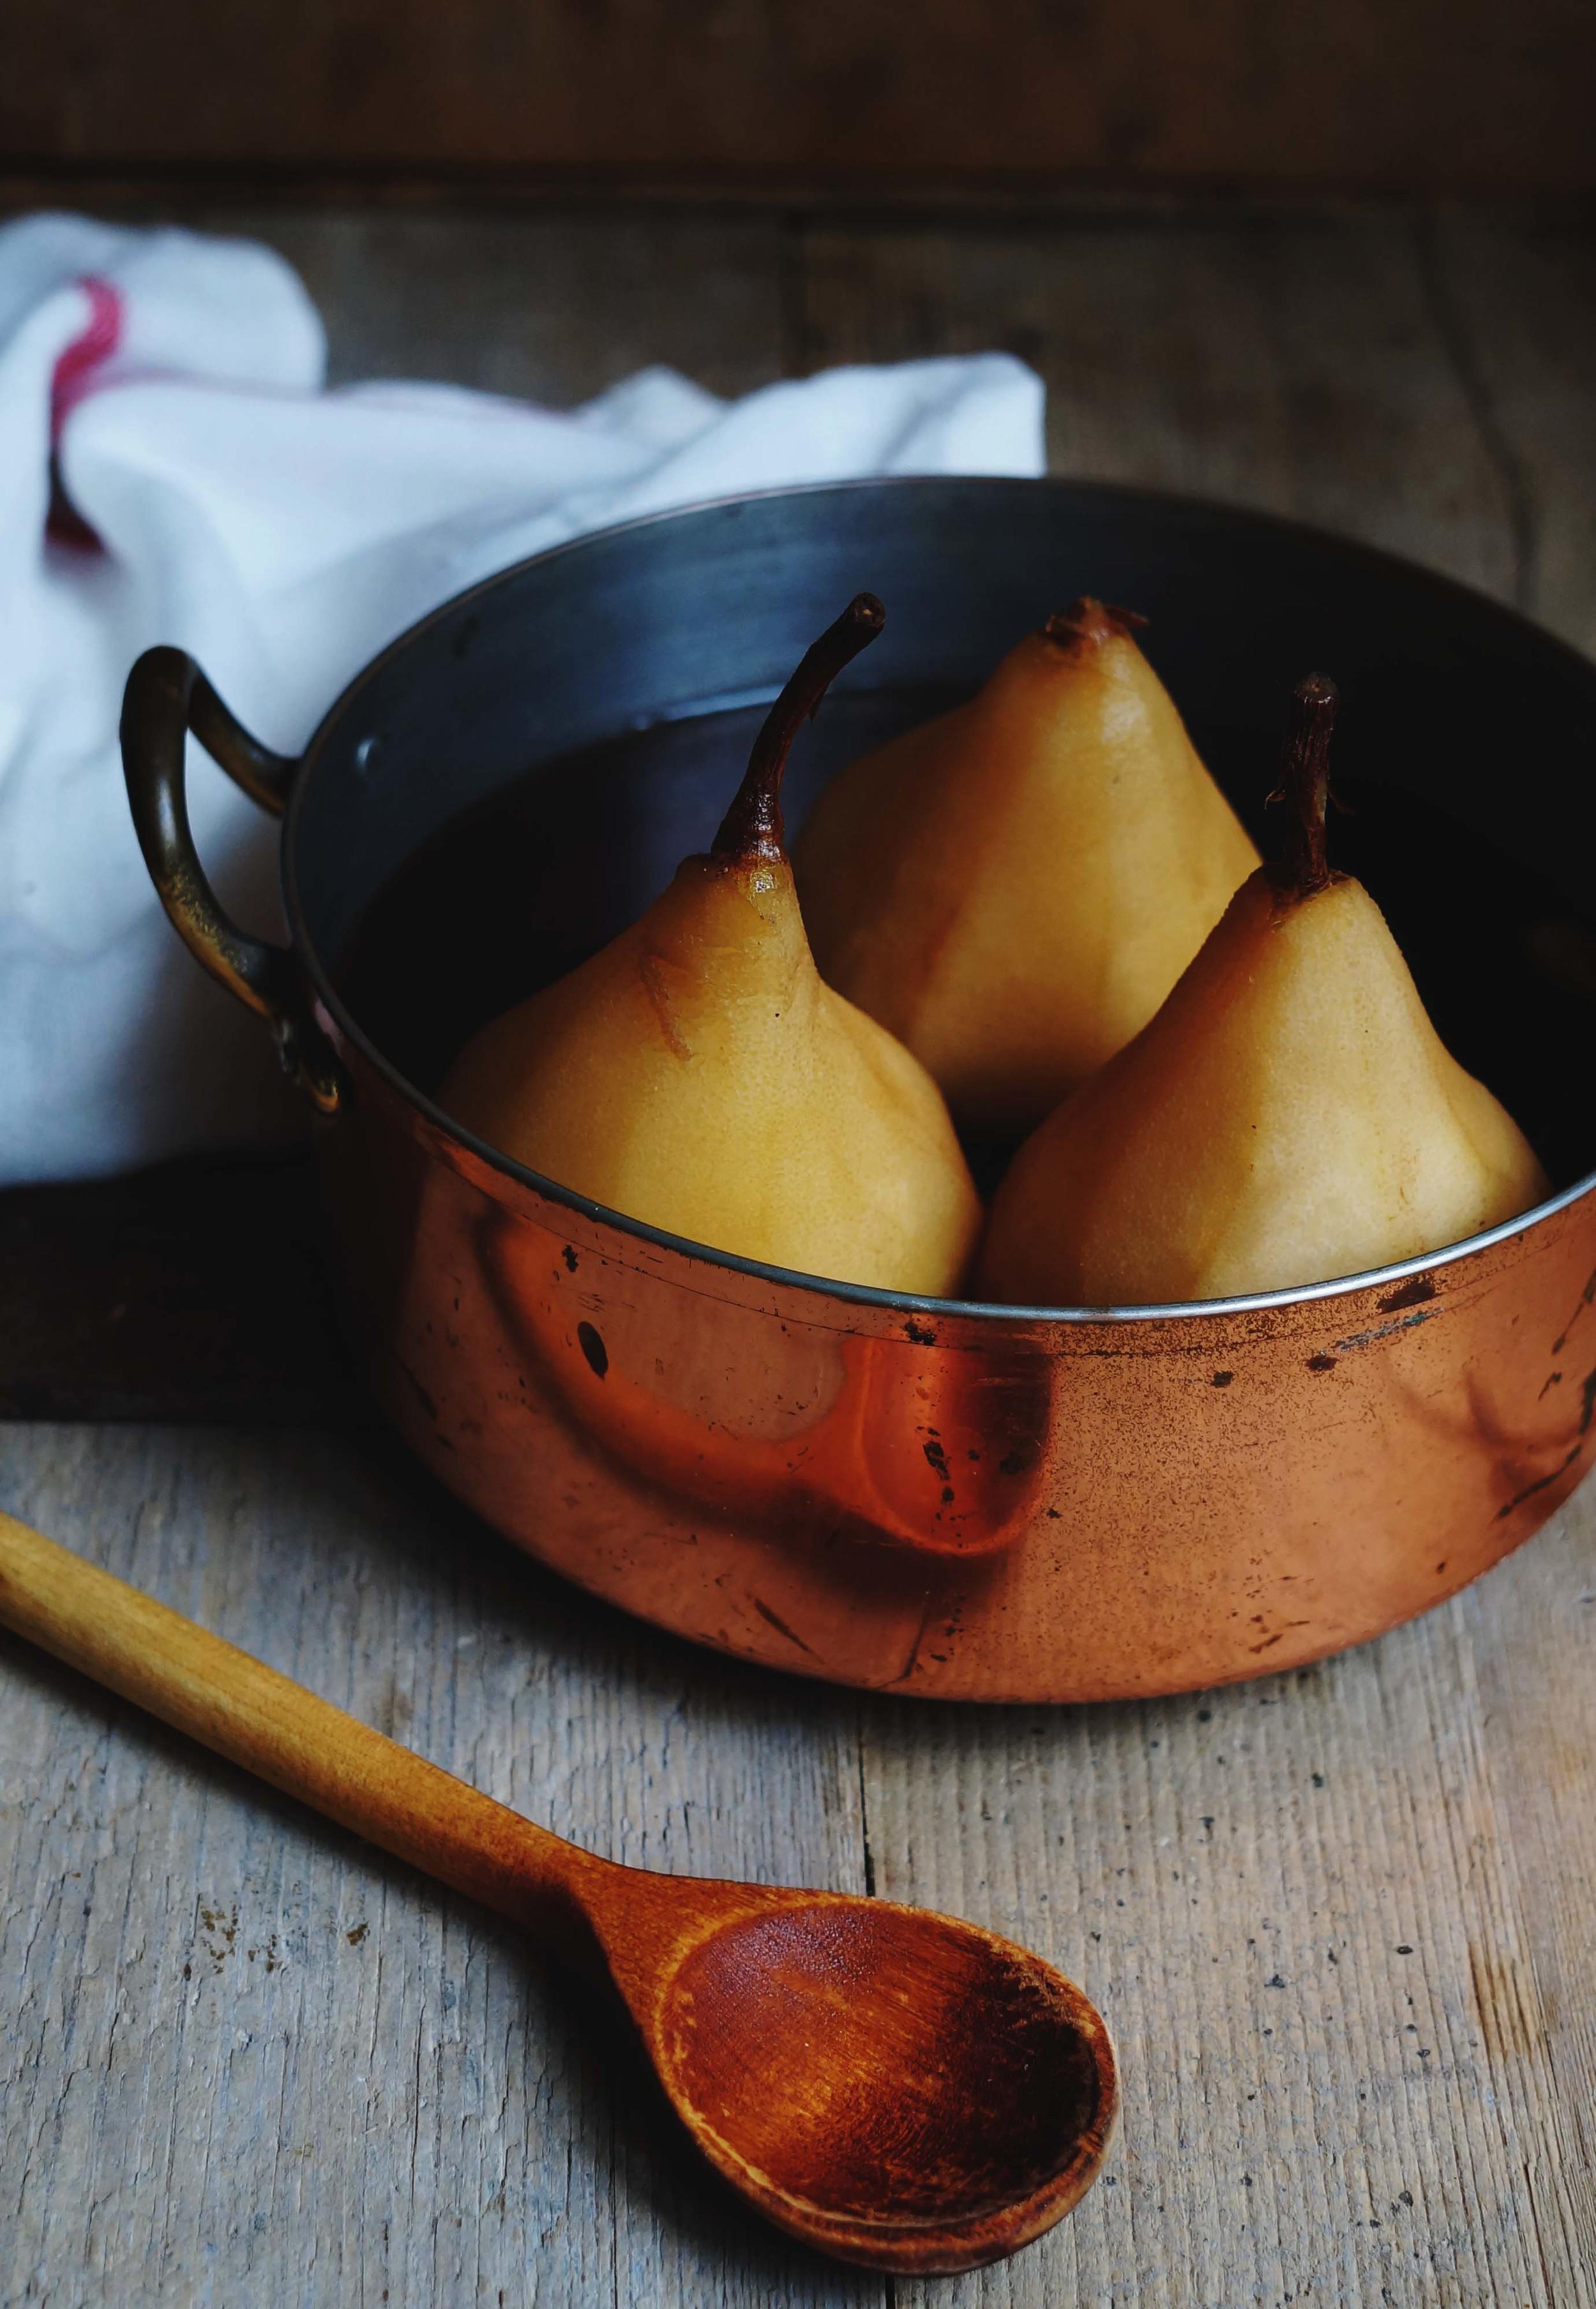 Cuisine de Clementine - Chai thee stoofperen met chocolade ganache